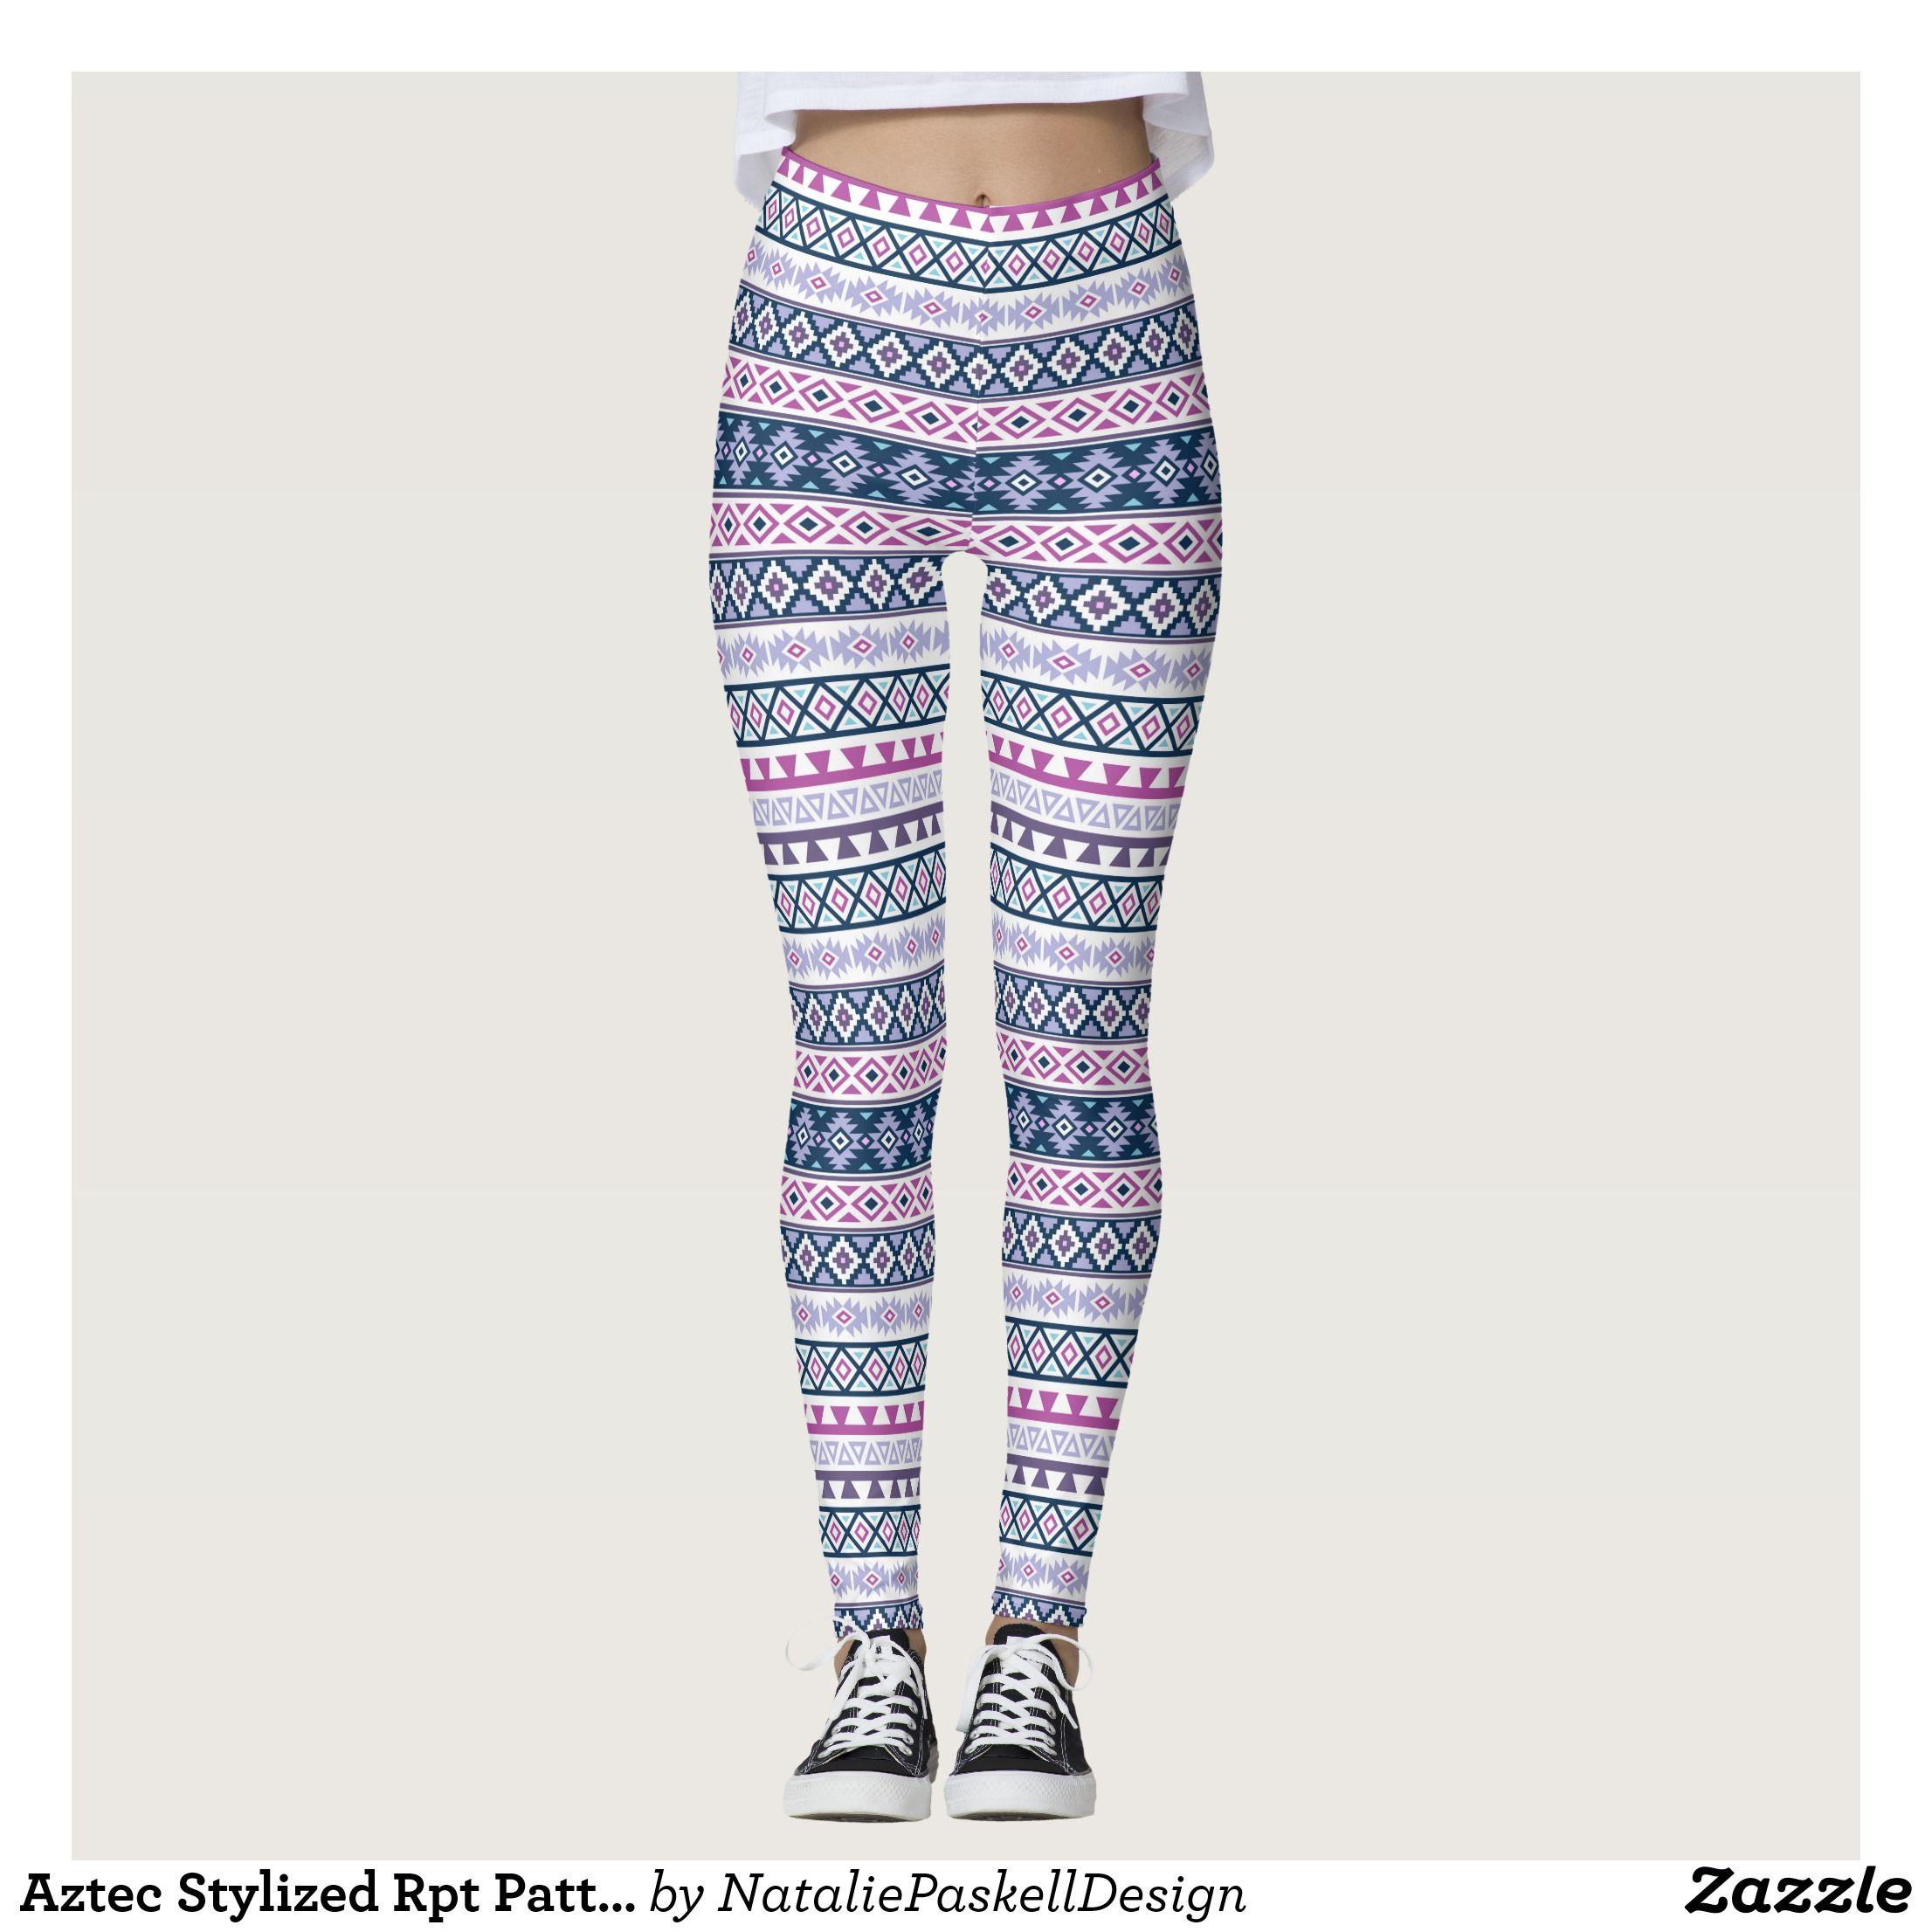 Aztec Stylized Rpt Pattern Pinks Purples Blues Wt Leggings